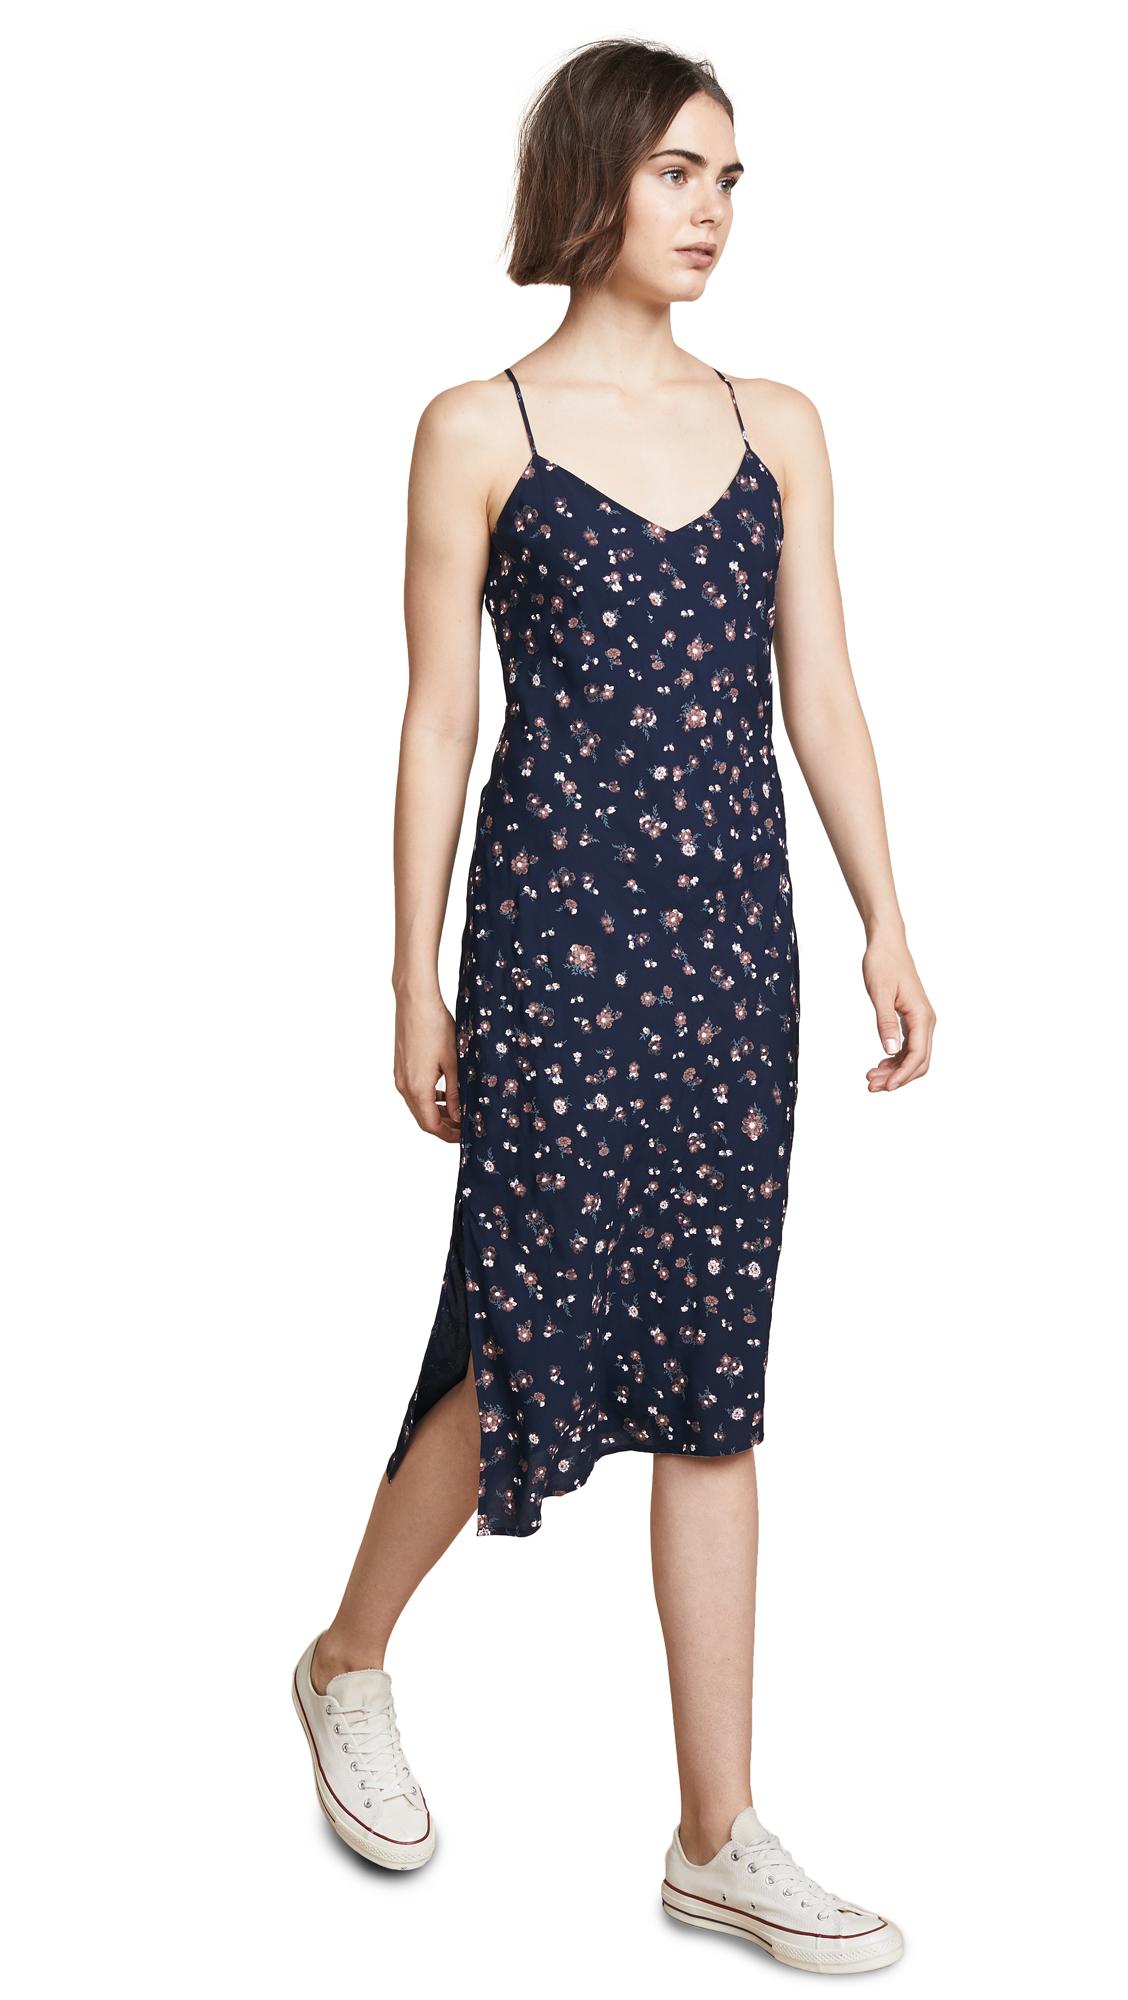 AG Scarlett Slip Dress In Navy Multi